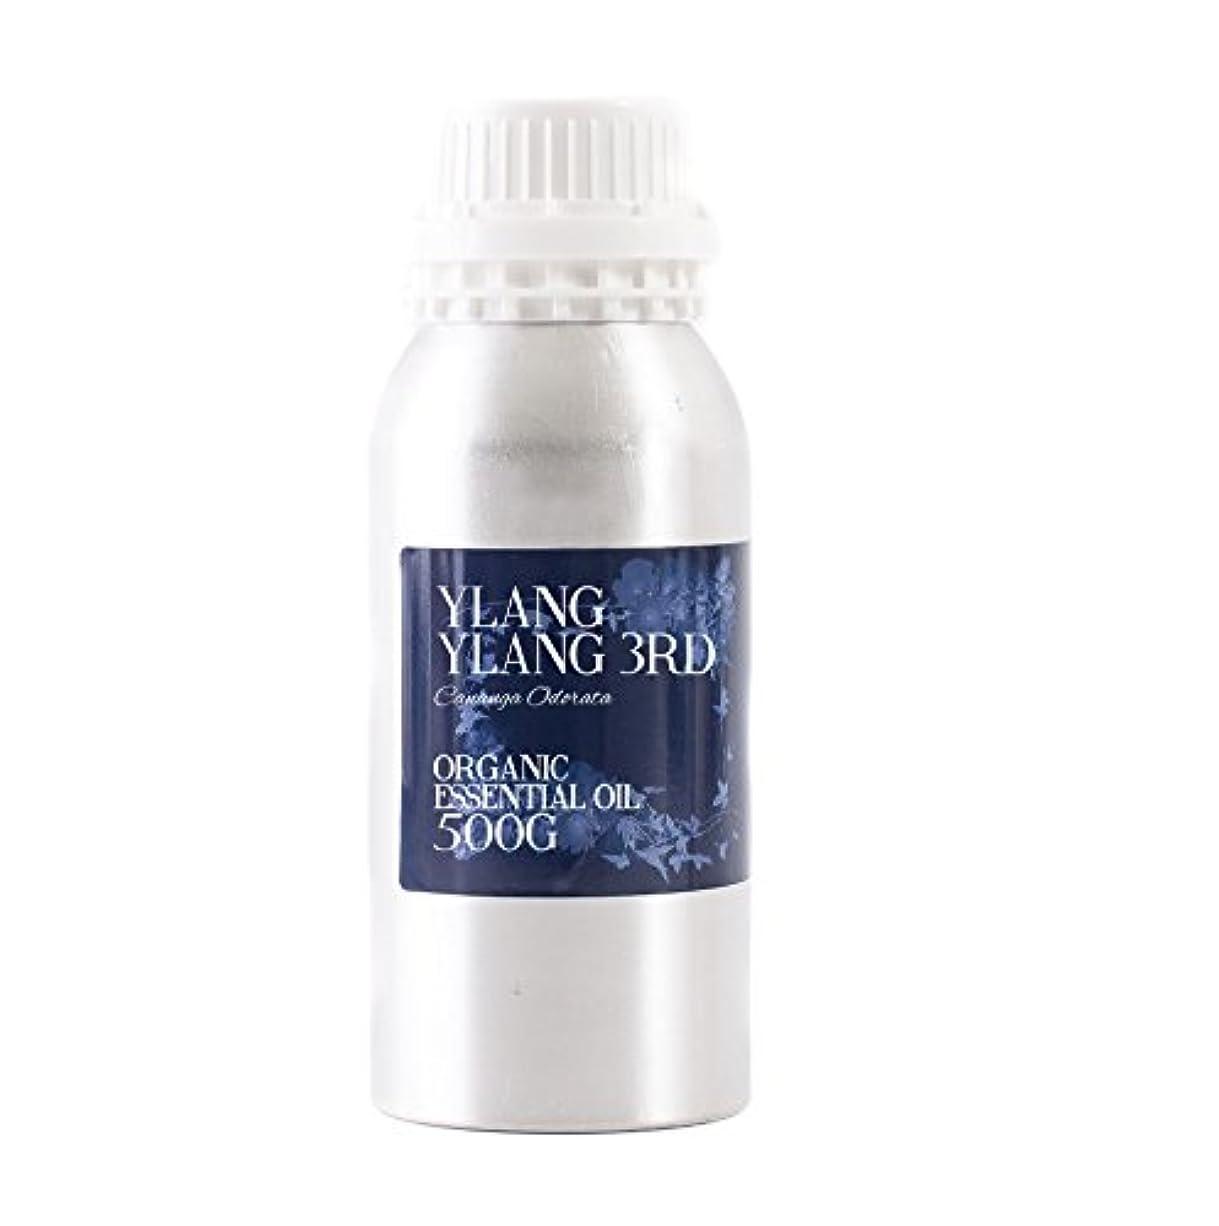 愛されし者デンマーク住所Mystic Moments | Ylang Ylang 3rd Organic Essential Oil - 500g - 100% Pure